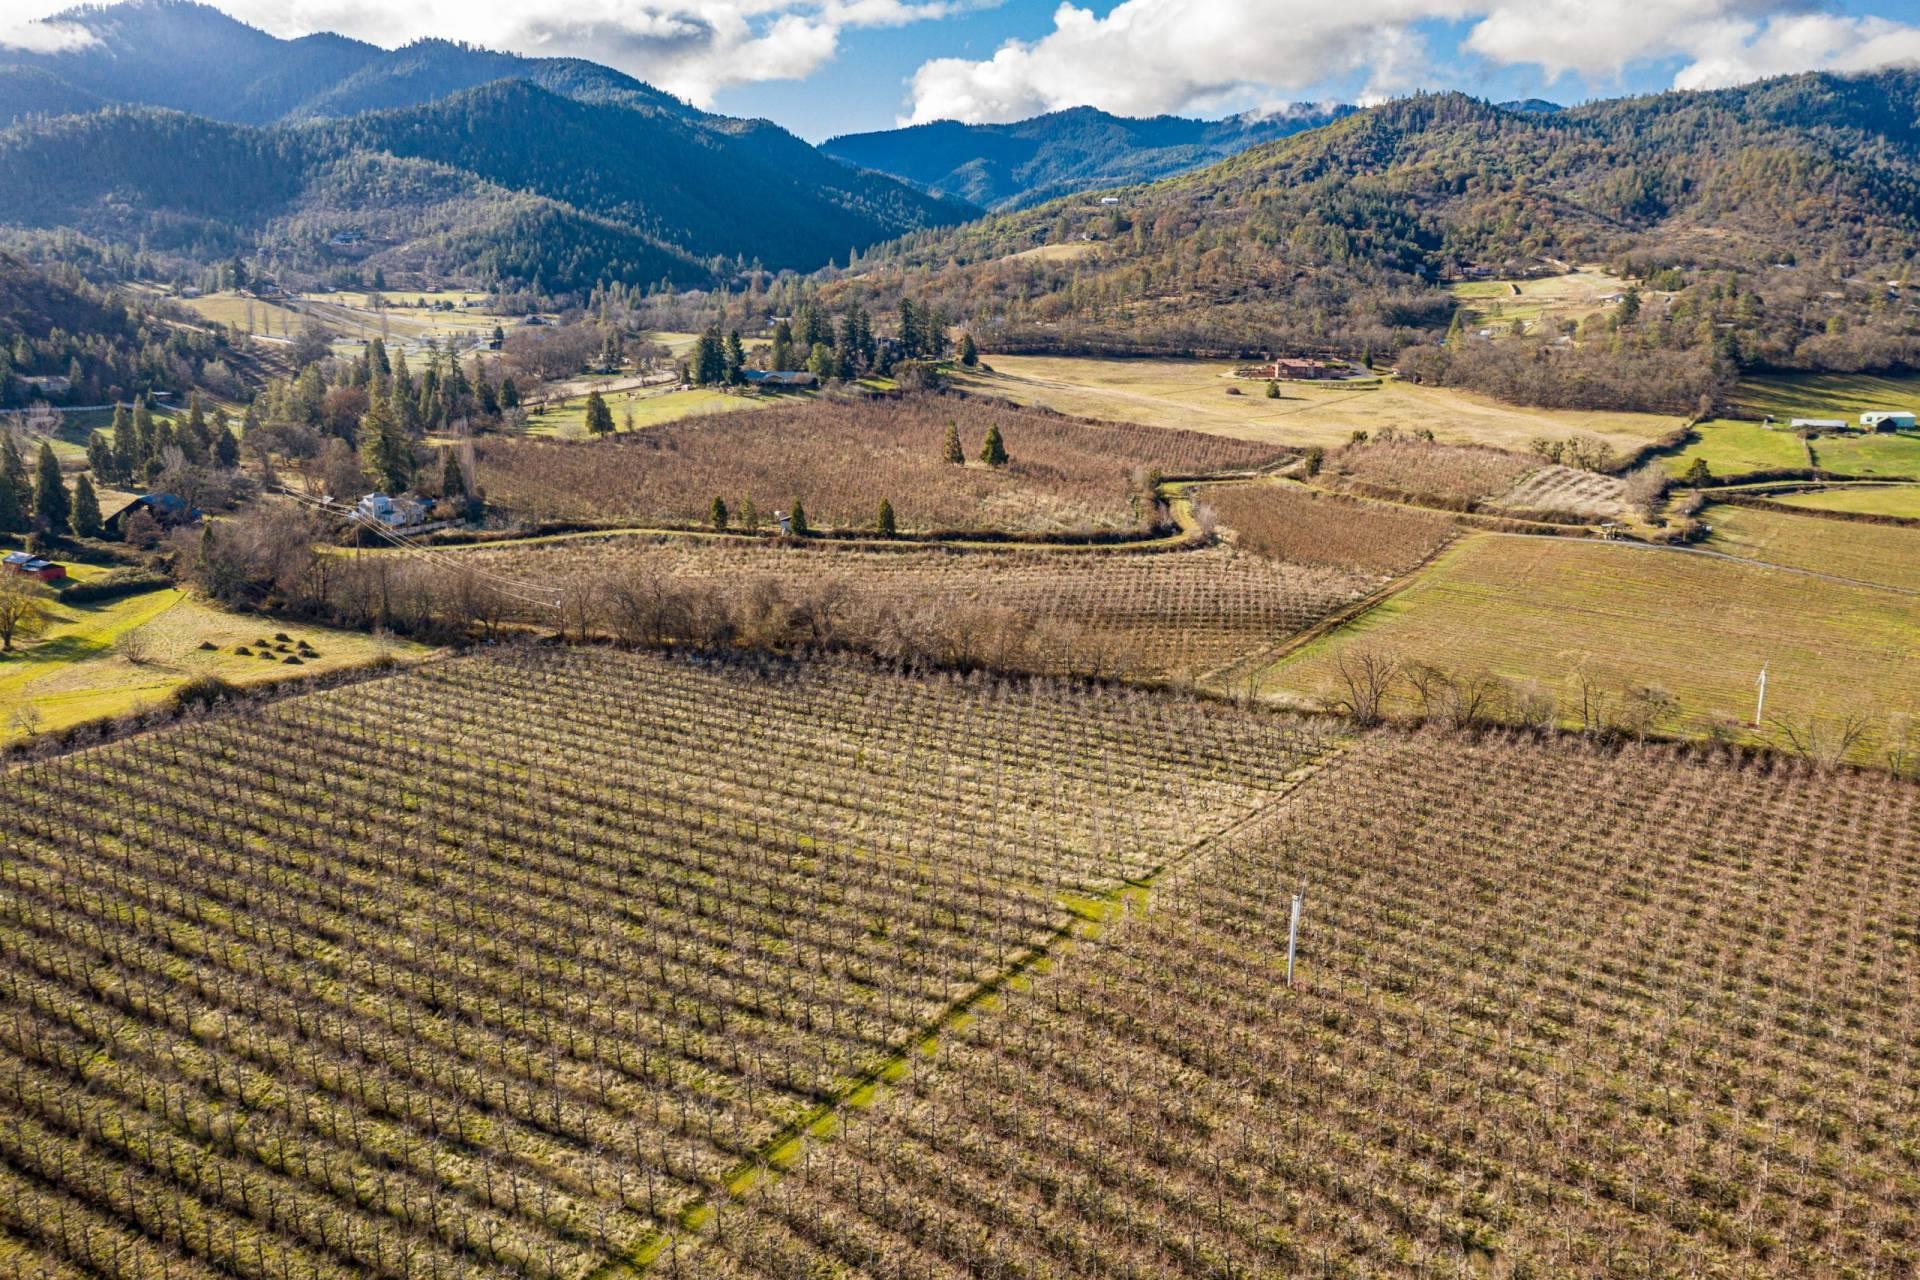 Carolina West Orchard